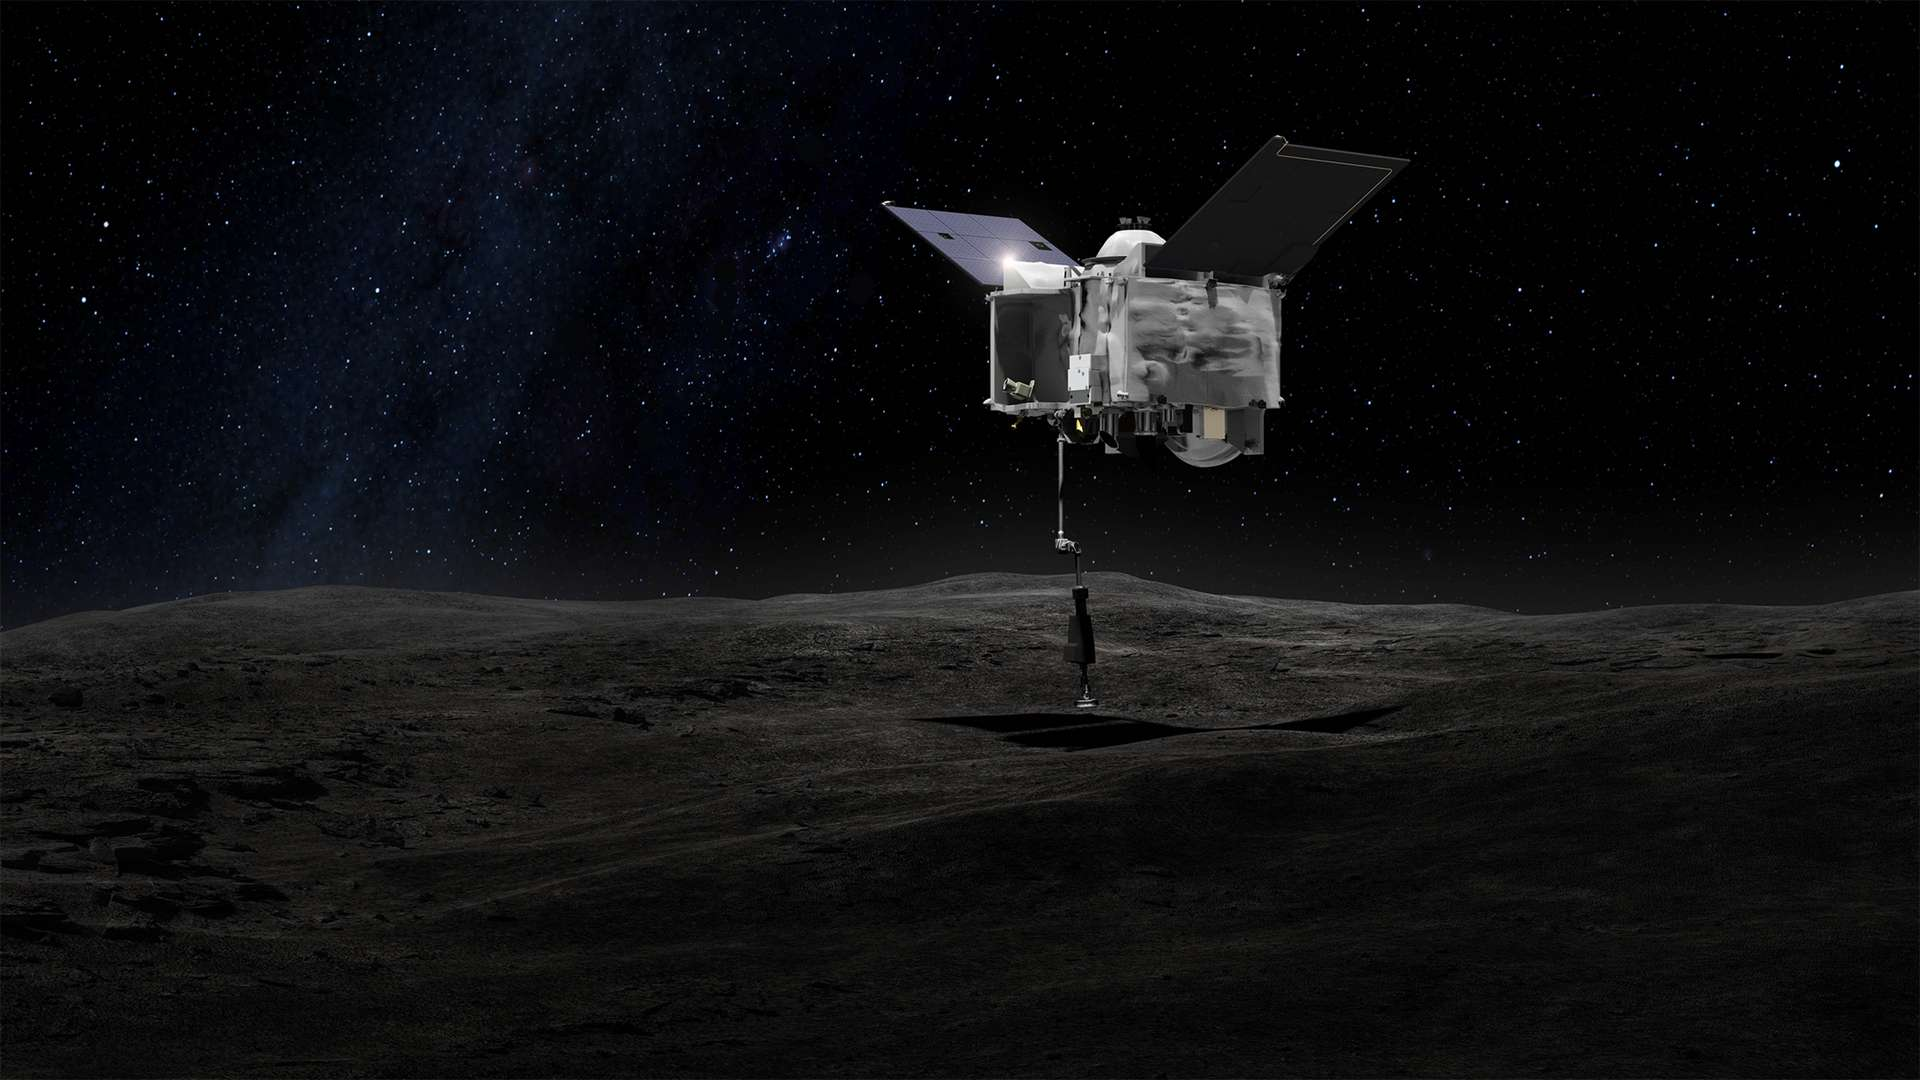 """La manoeuvre """"touch and go"""" qui doit permettre à la sonde OSIRIS-REx de récupérer jusqu'à deux kilogrammes de matière de l'astéroïde Bennu. © Nasa, Centre spatial Goddard"""